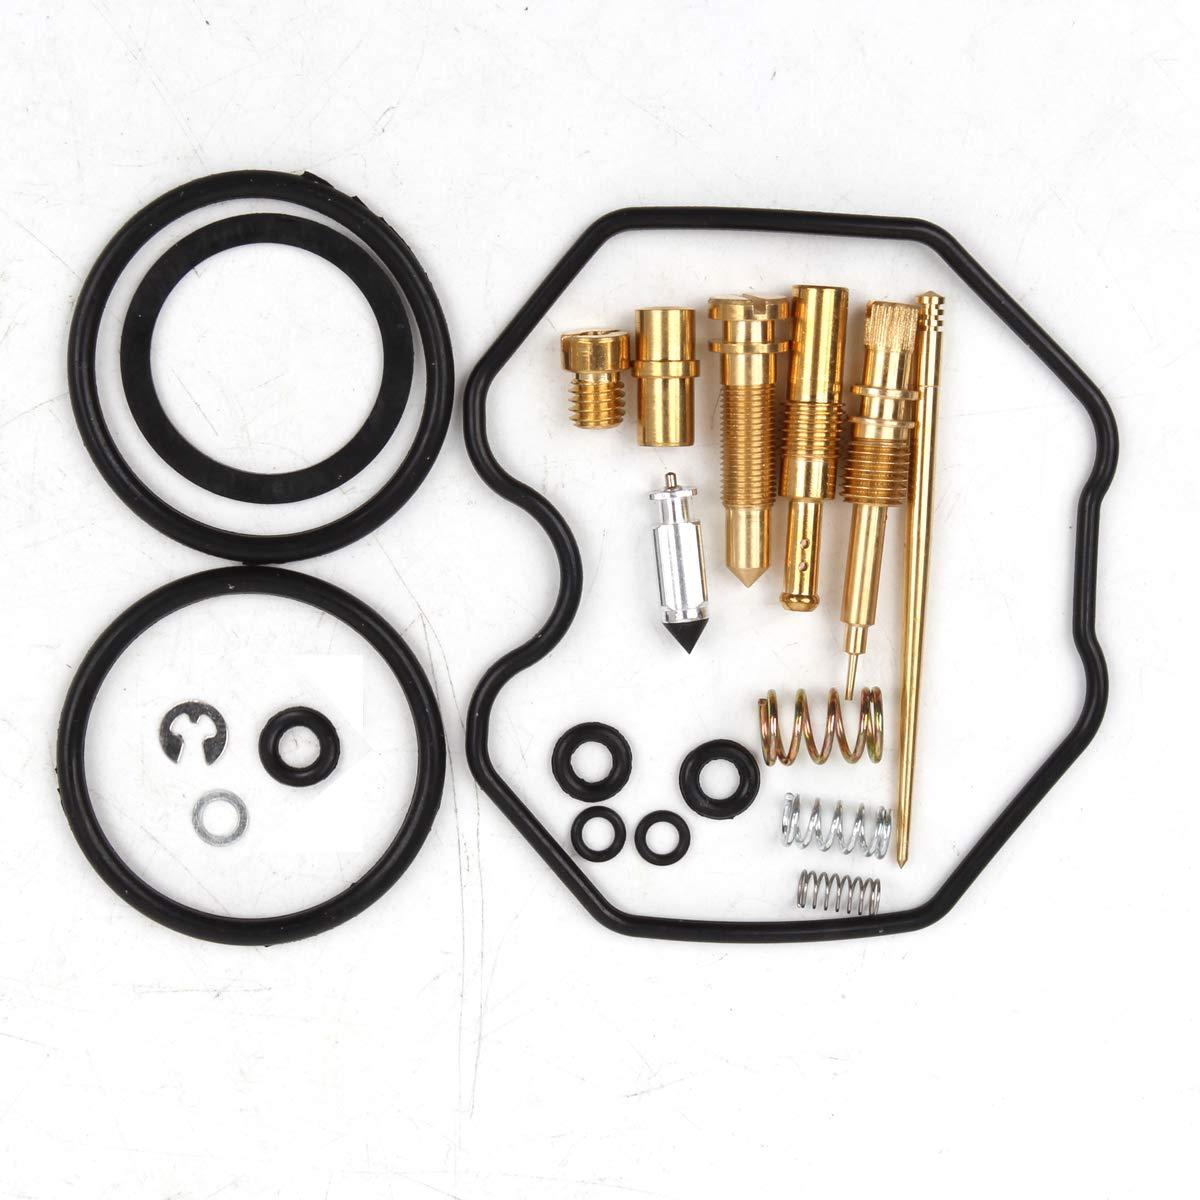 Carburetor Rebuild Kit for TRX250EX Carb Repair 2001 2002 2003 2004 2005